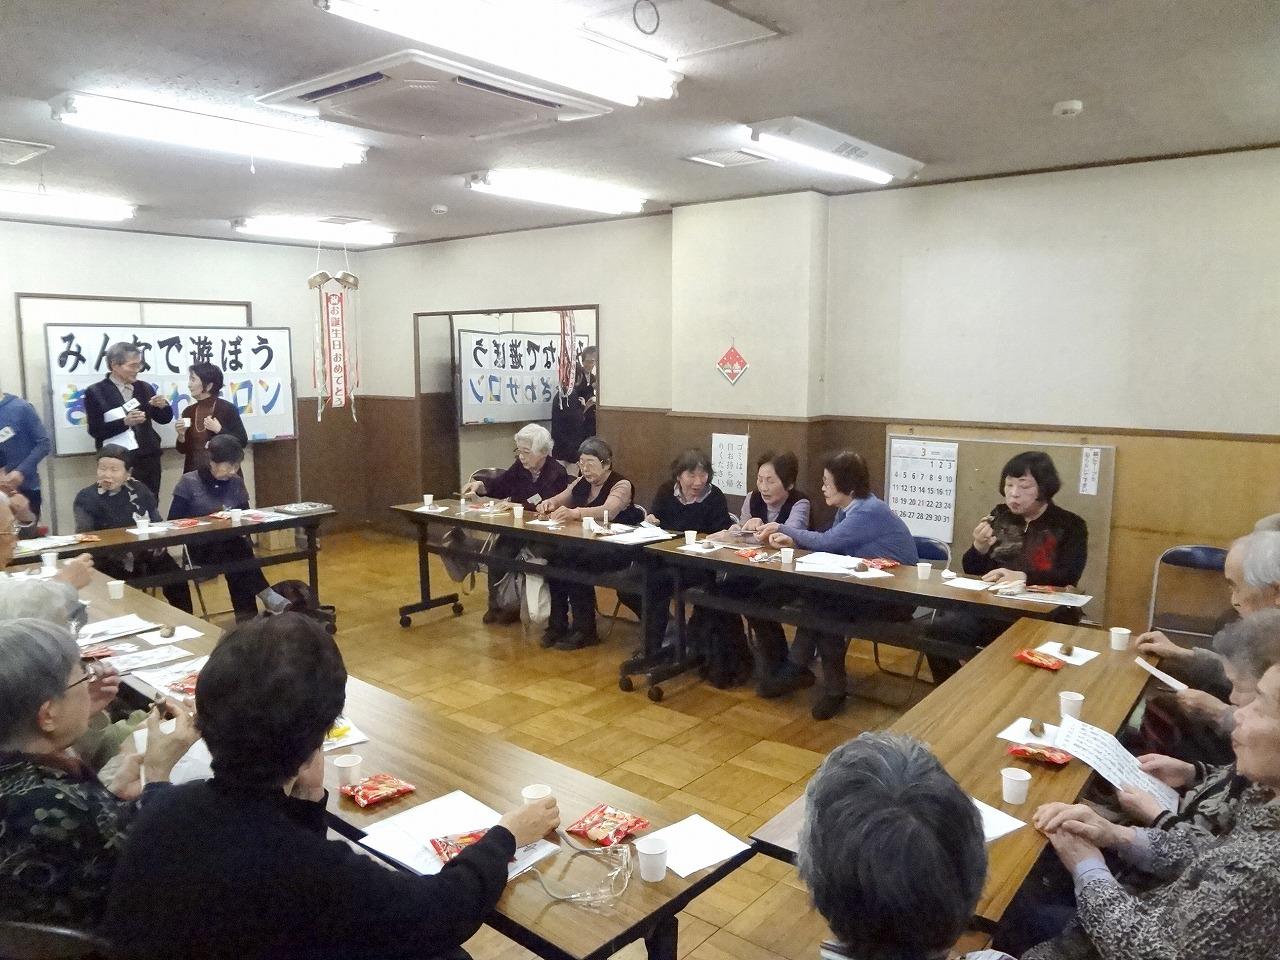 85-5kitazawasalon